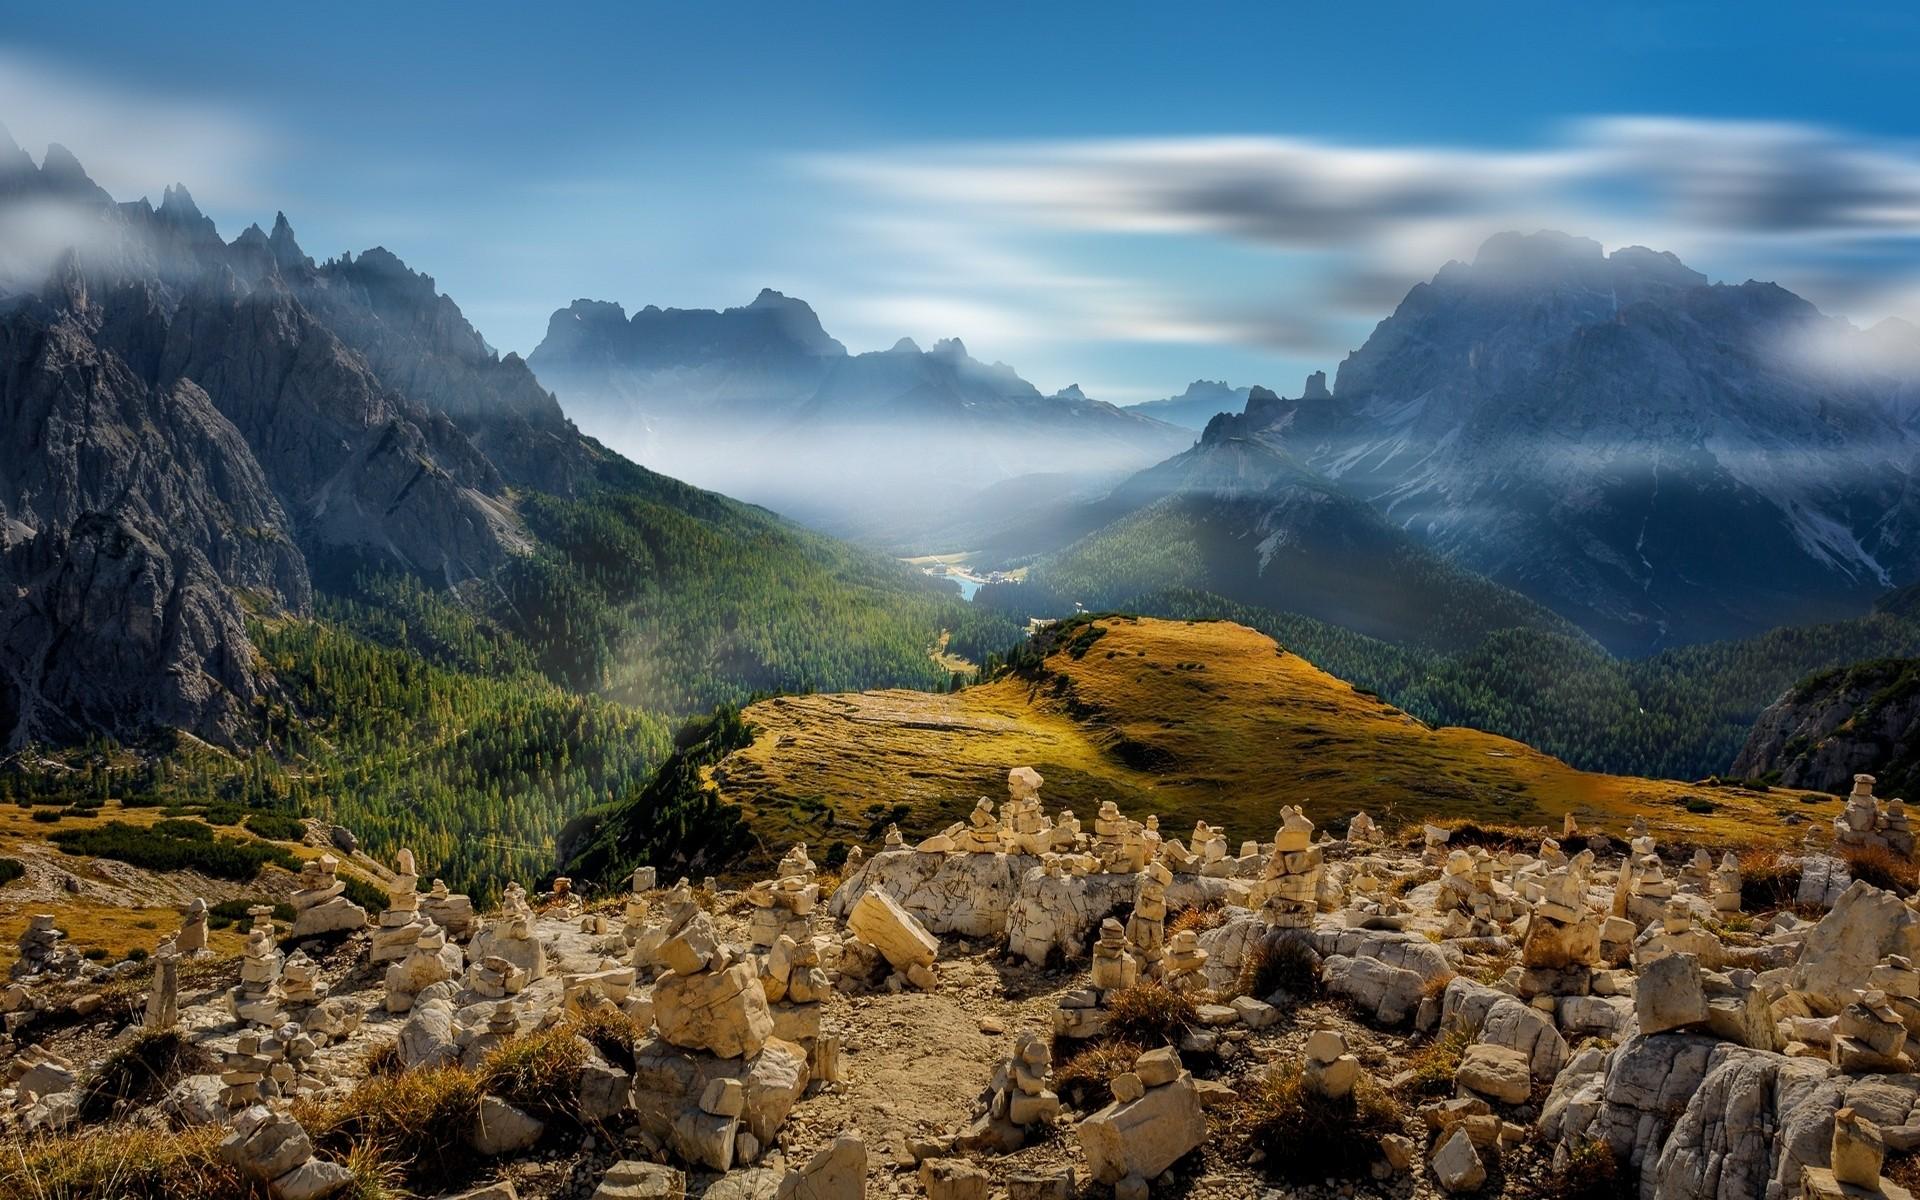 фото горная долина природа фотографии, которая